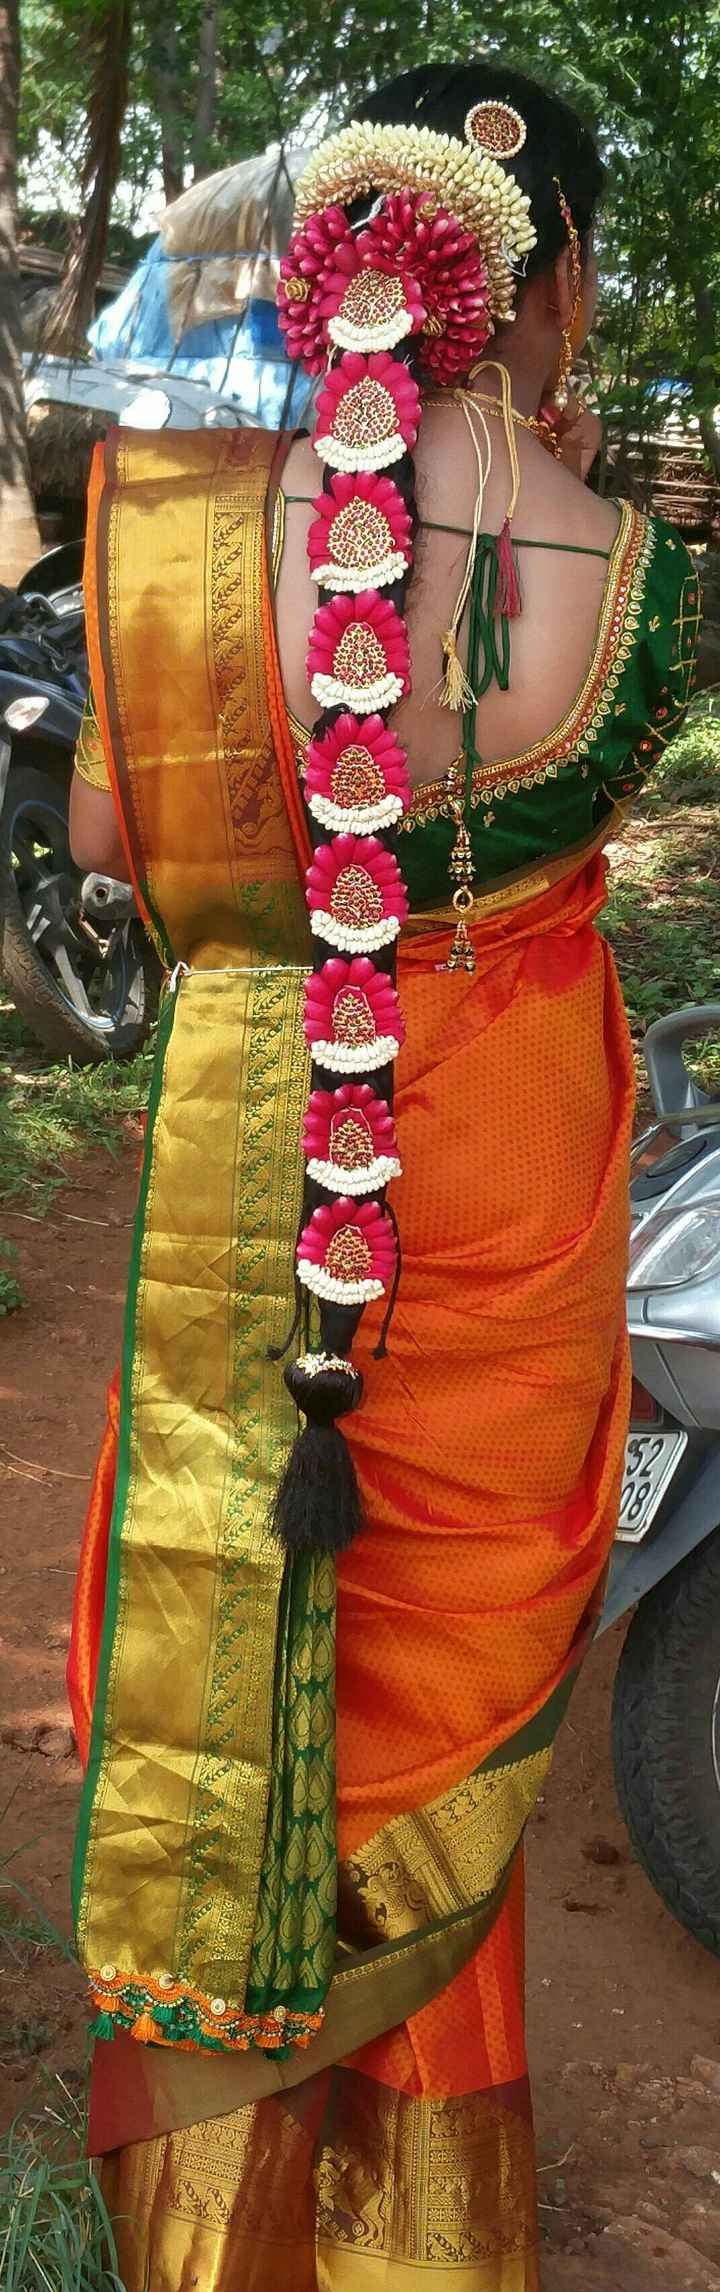 ಹೇರ್ ಸ್ಟೈಲ್ - Pre 99 @ @ @ @ @ @ @ @ @ @ মাযেভ & G @ @ @ @ ) ta ) ) ) ) ) . উsespad . সূত্র : বহালসরইএফরিন এস ই - তি FOCU b / ১৭ ইং ১৯৯৩ - ShareChat